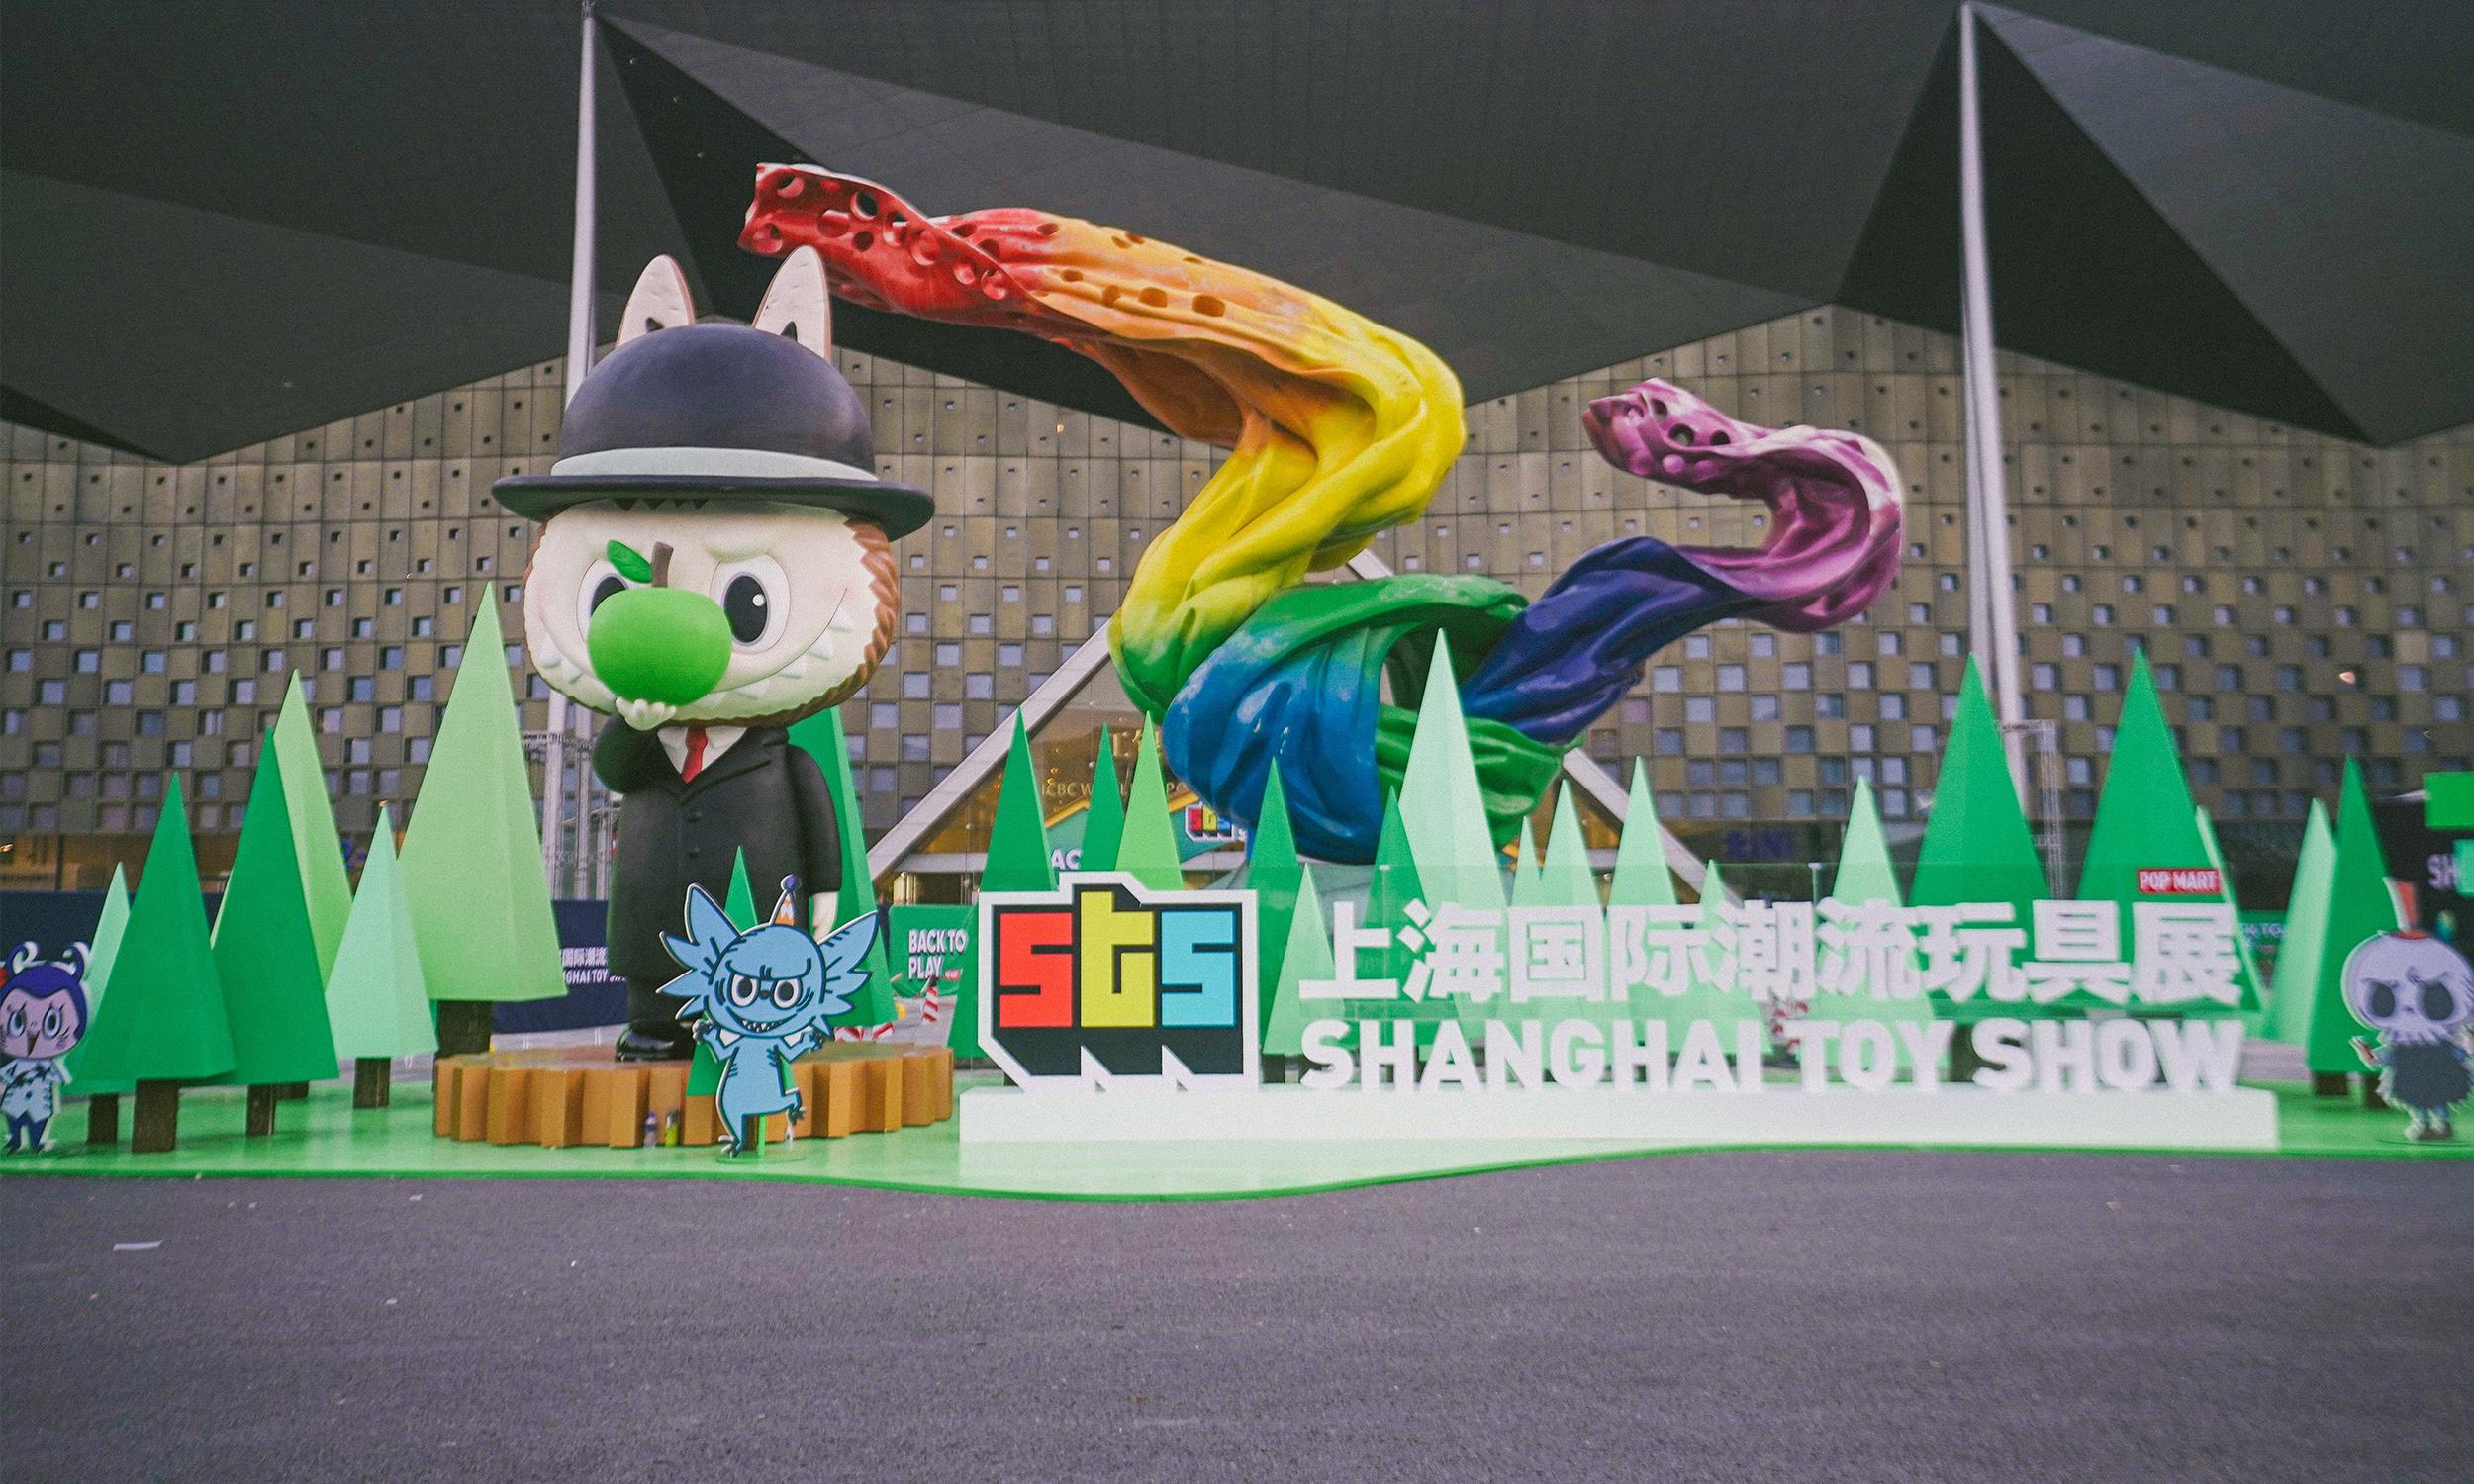 在今年上海潮玩展里,人们都表示来这「花钱买快乐」…